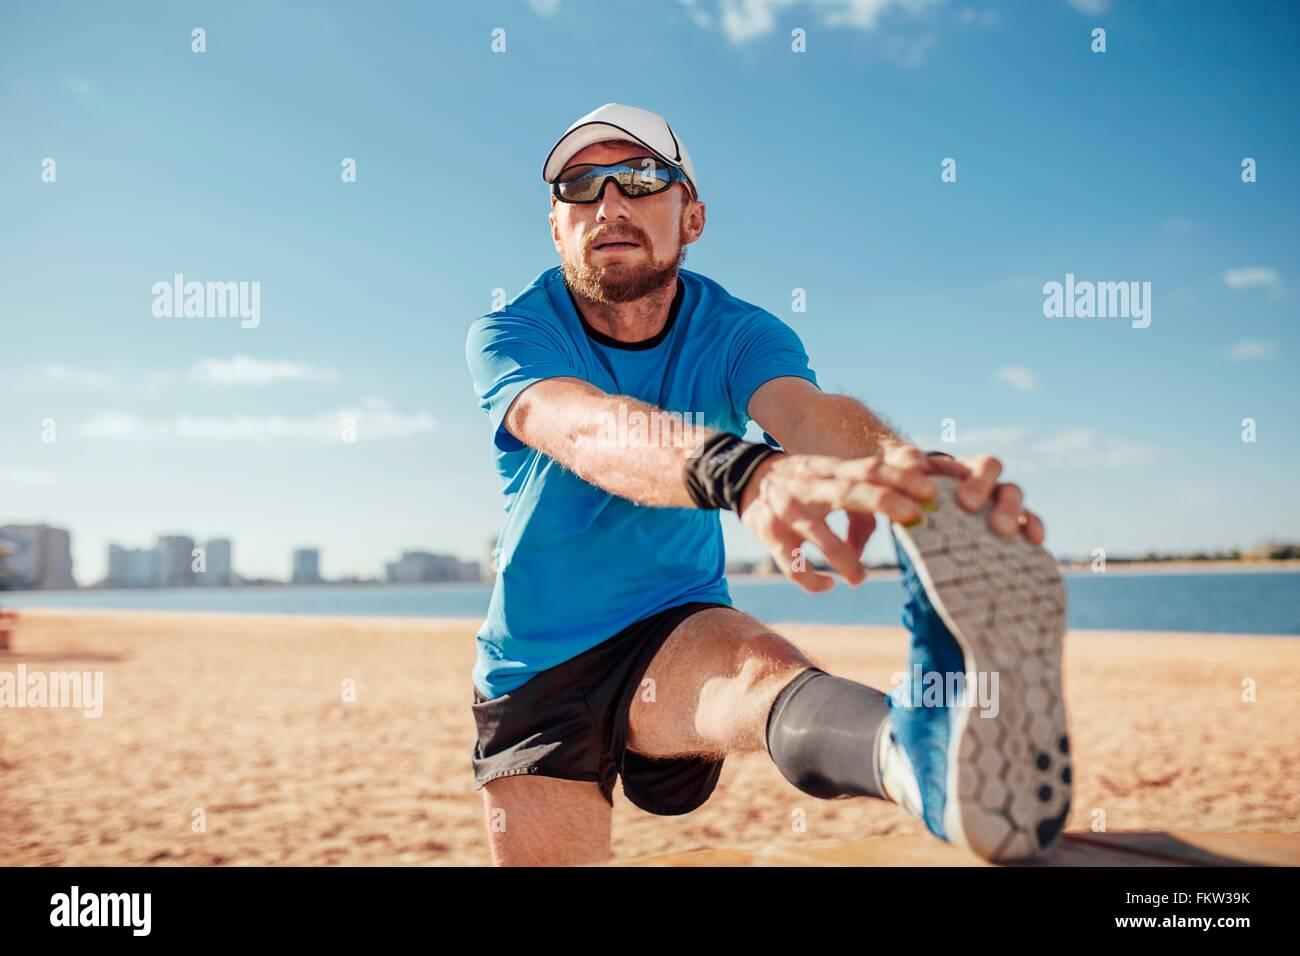 Mitad hombre adulto en la playa de la pierna levantada de tocar los dedos del pie estiramiento, Dubai, Emiratos Árabes Unidos. Foto de stock